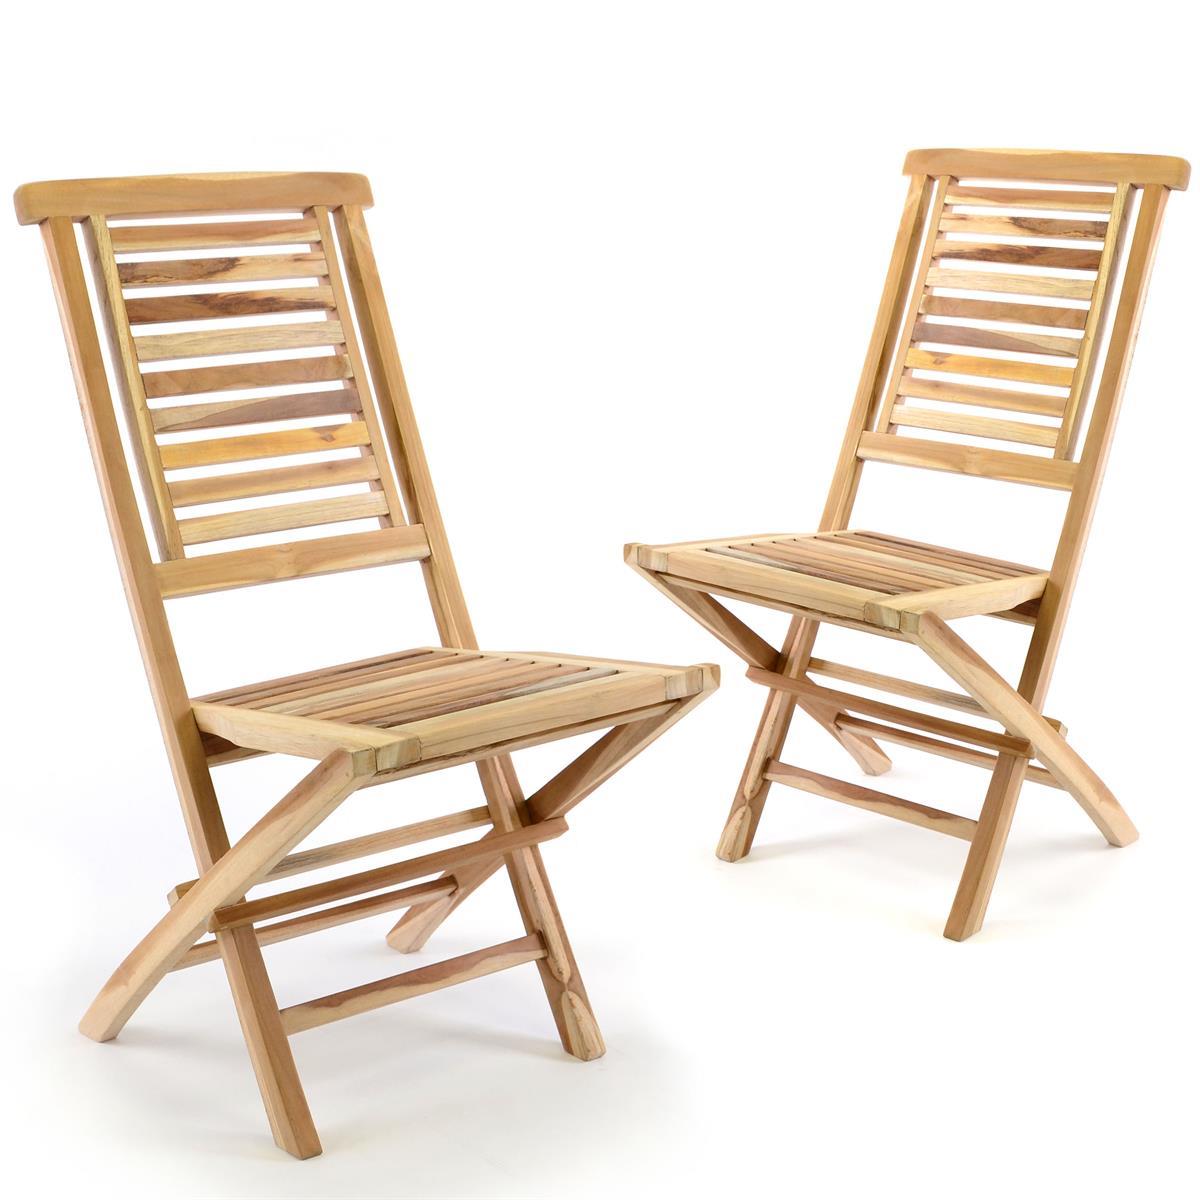 DIVERO 2er Set Klappstuhl Gartenstuhl massiv klappbar Teak Holz unbehandelt